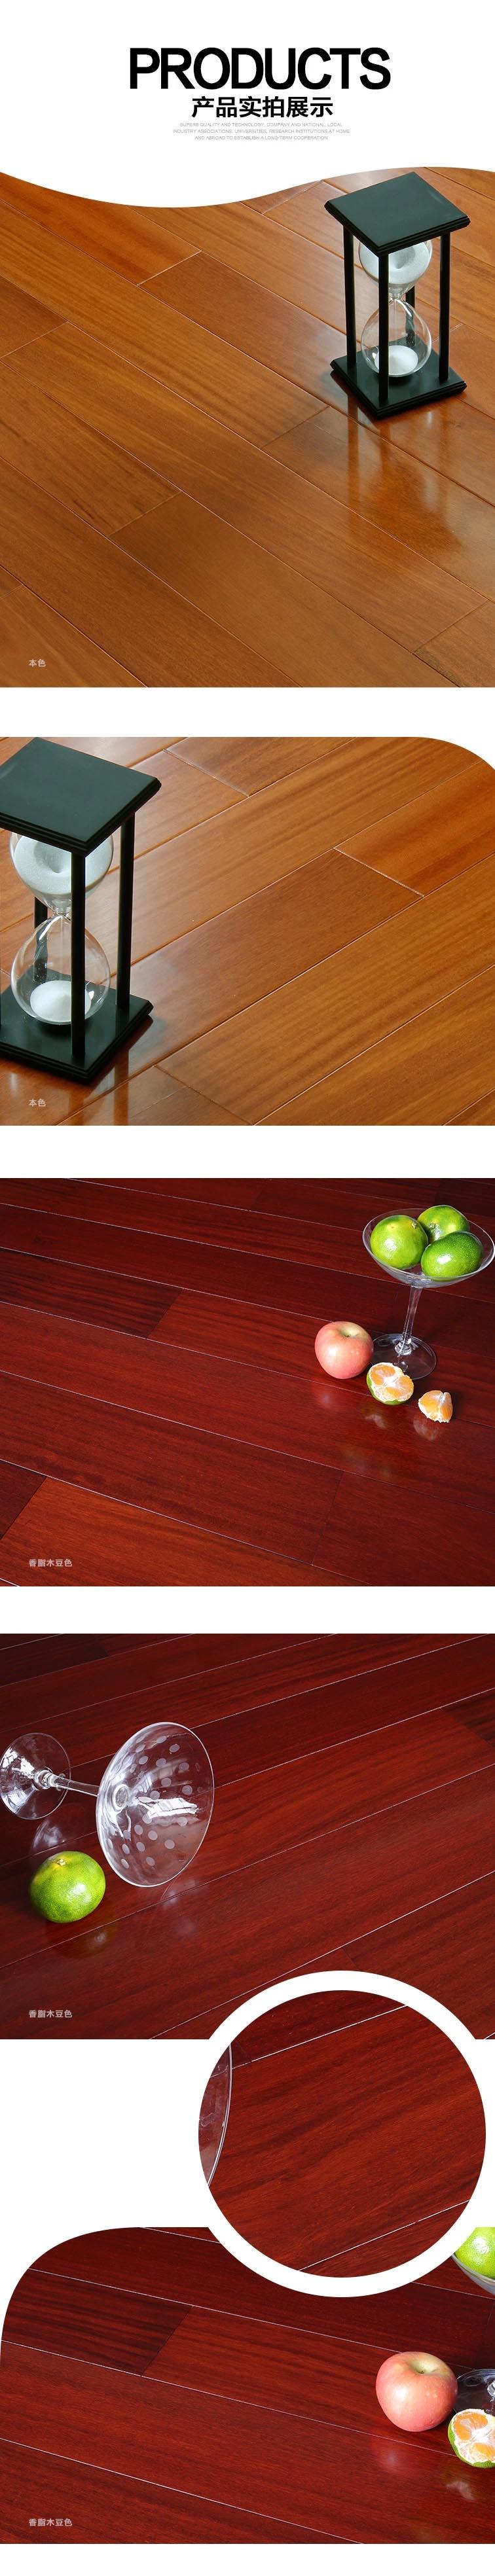 平面室内地板ps素材